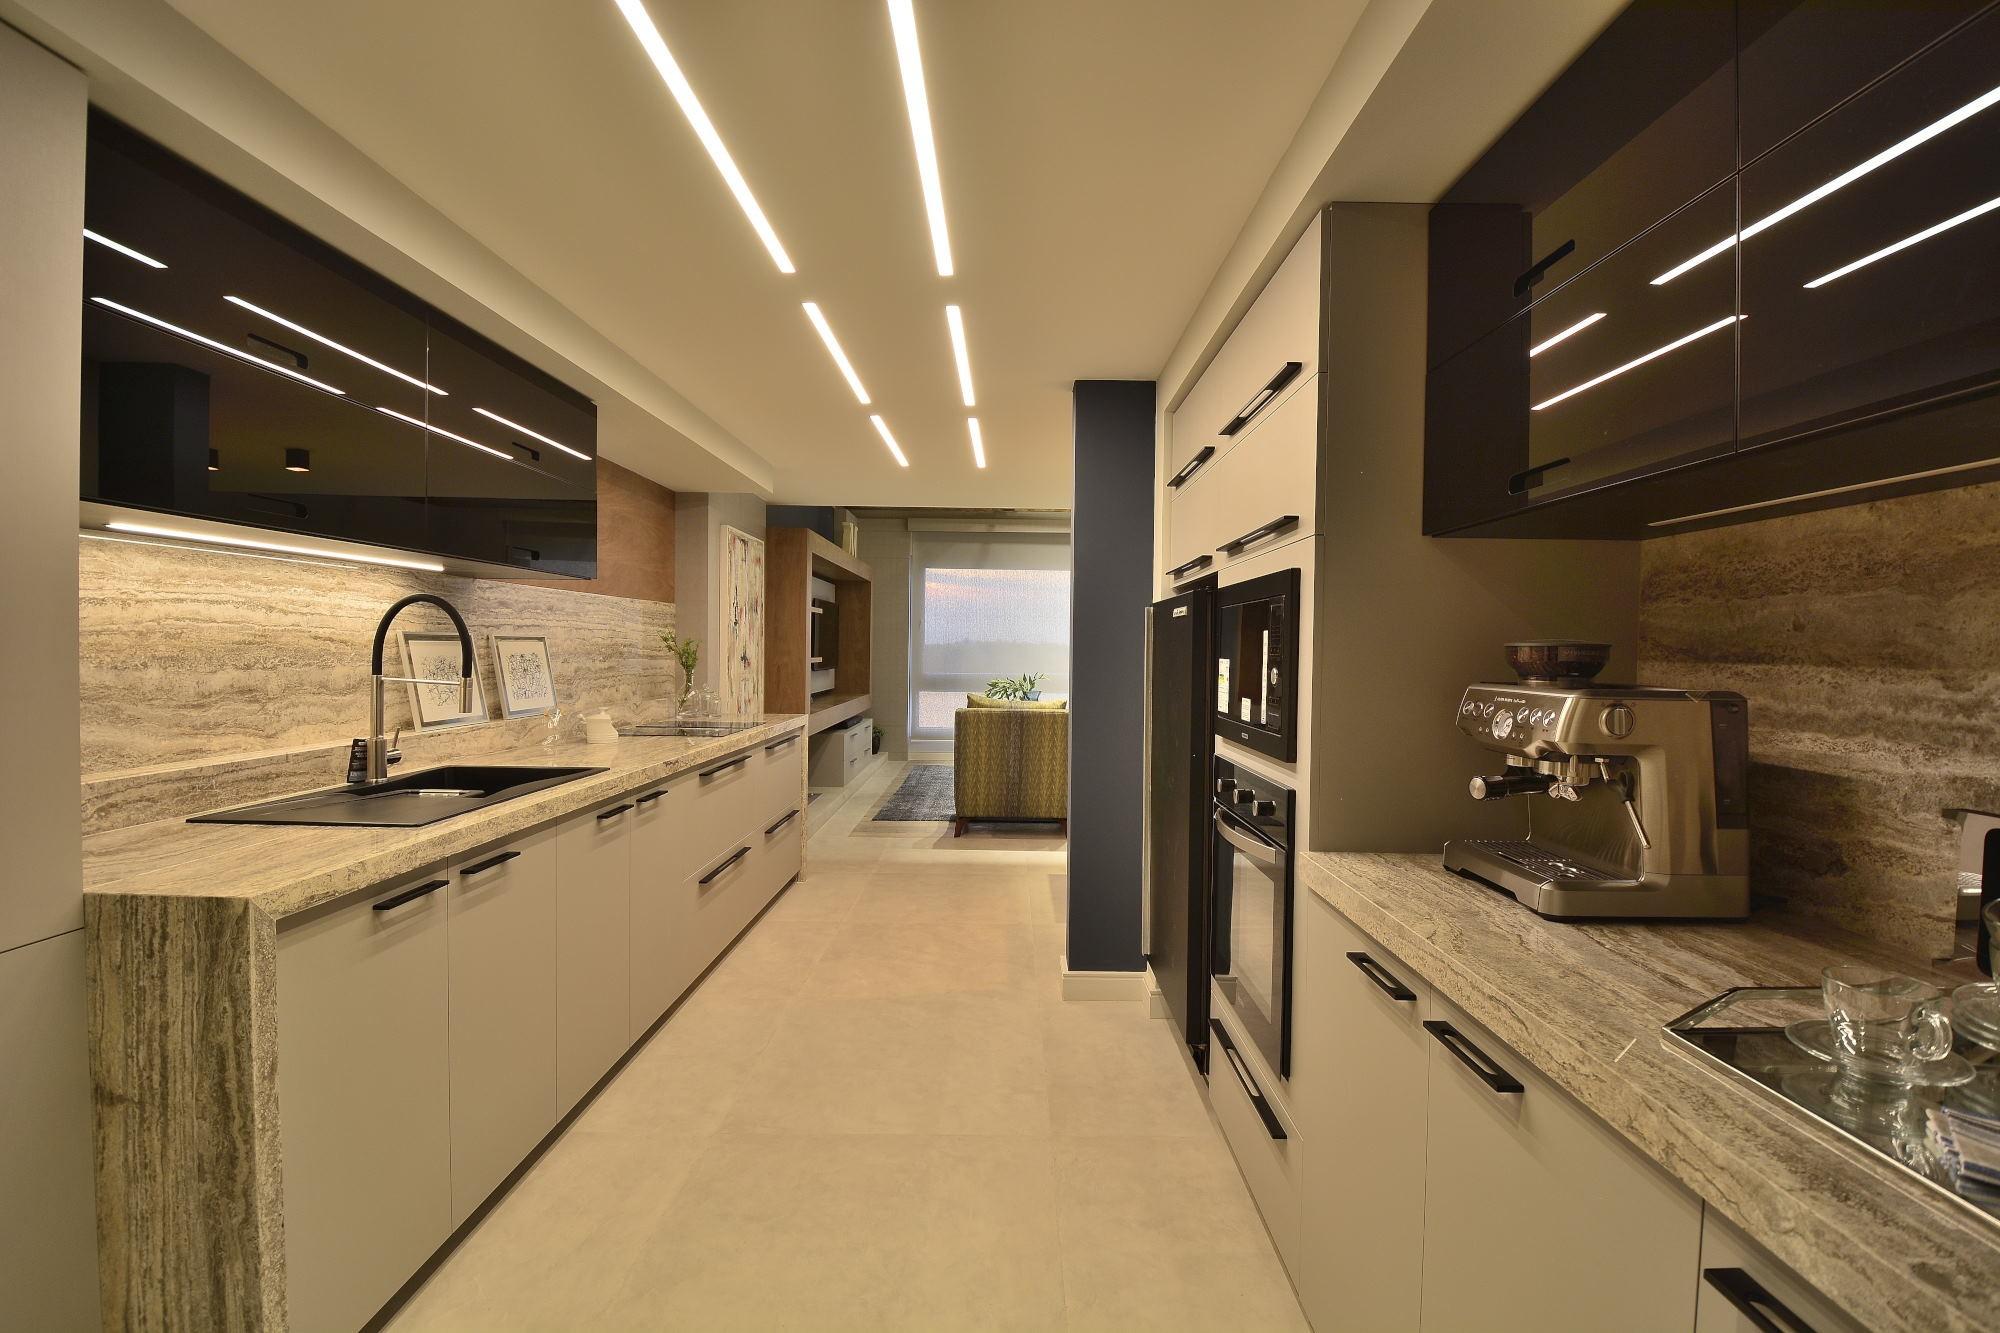 Mostra Elite Design - Cozinha-MARCELO MINUSCOLI - PROJETOS PERSONALIZADOS